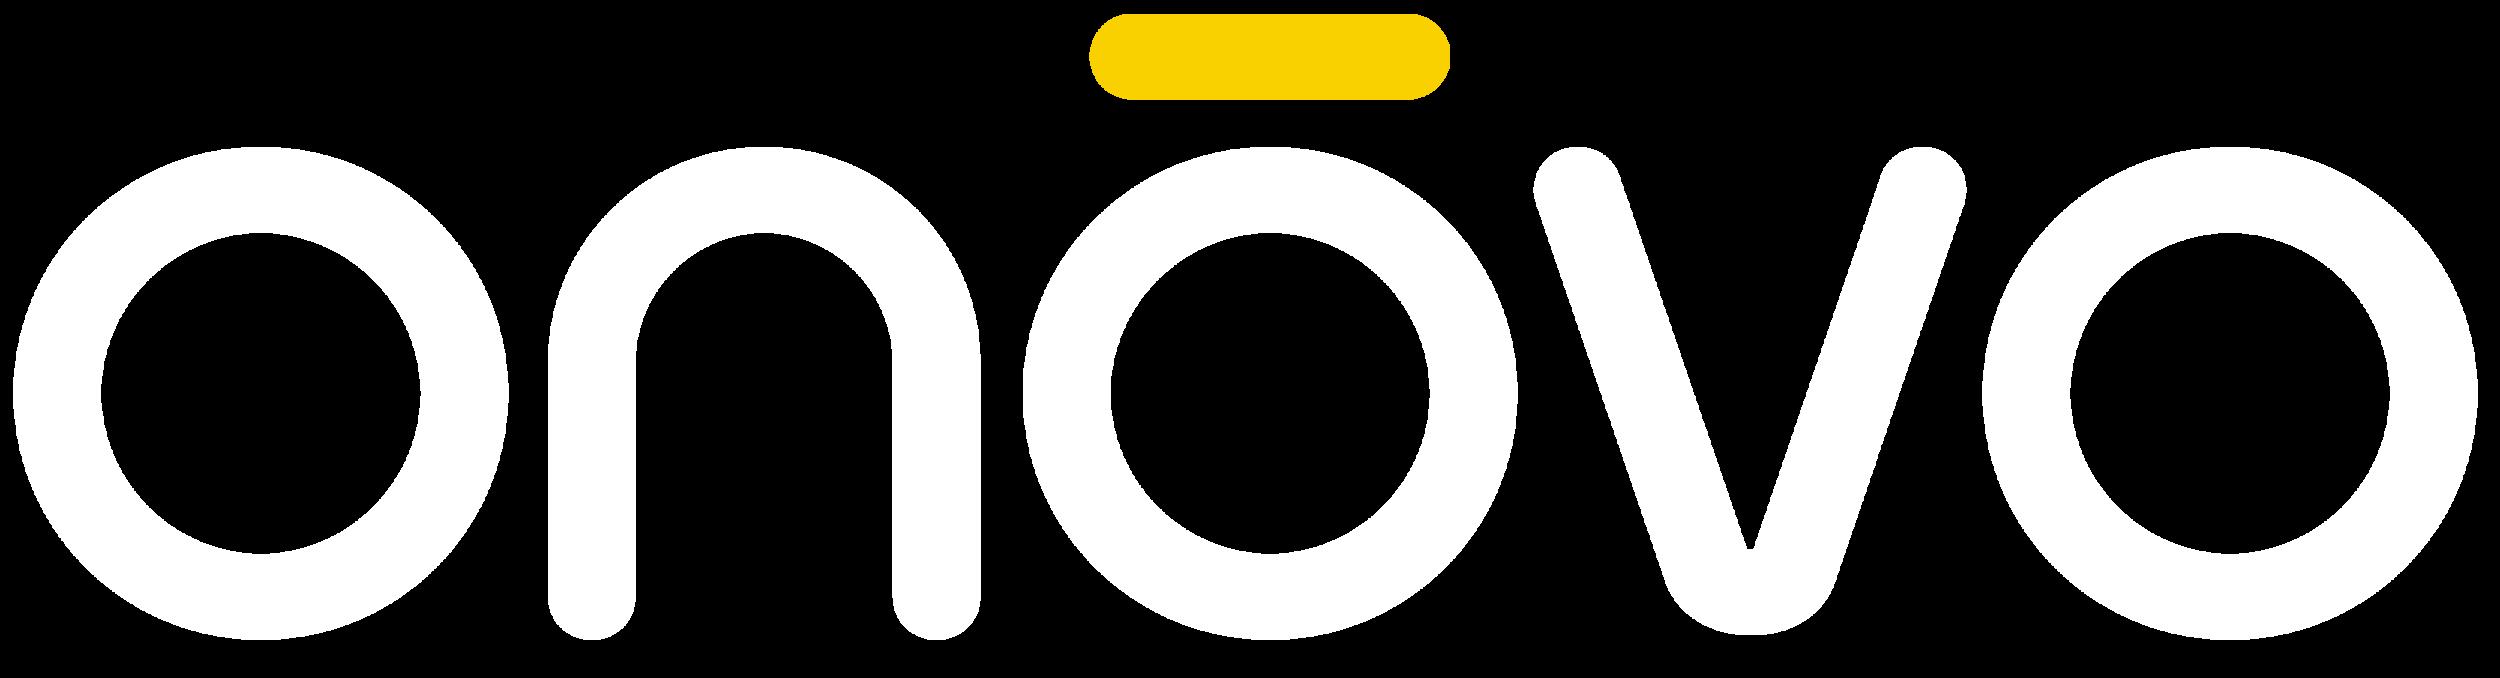 OnovoLogo_2019.png